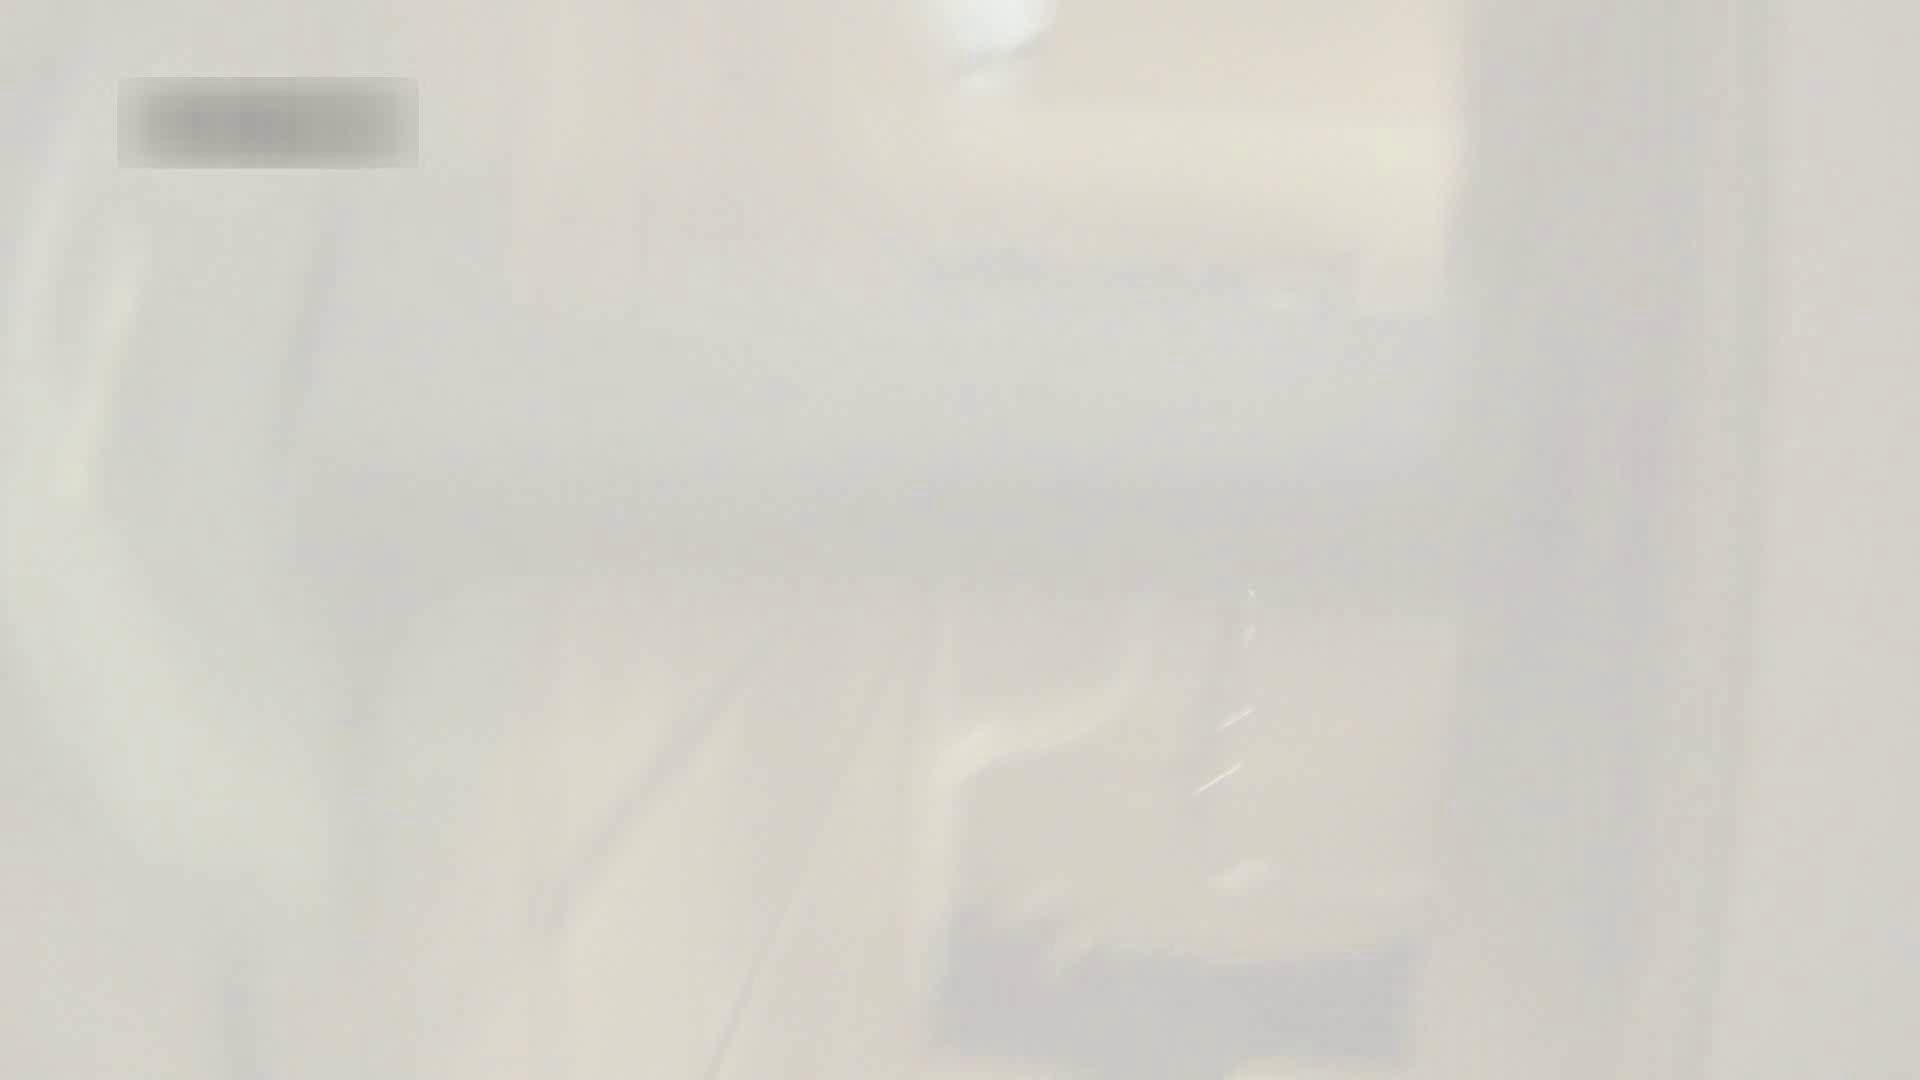 お姉さんの恥便所盗撮! Vol.6 エロティックなOL オマンコ無修正動画無料 73画像 62